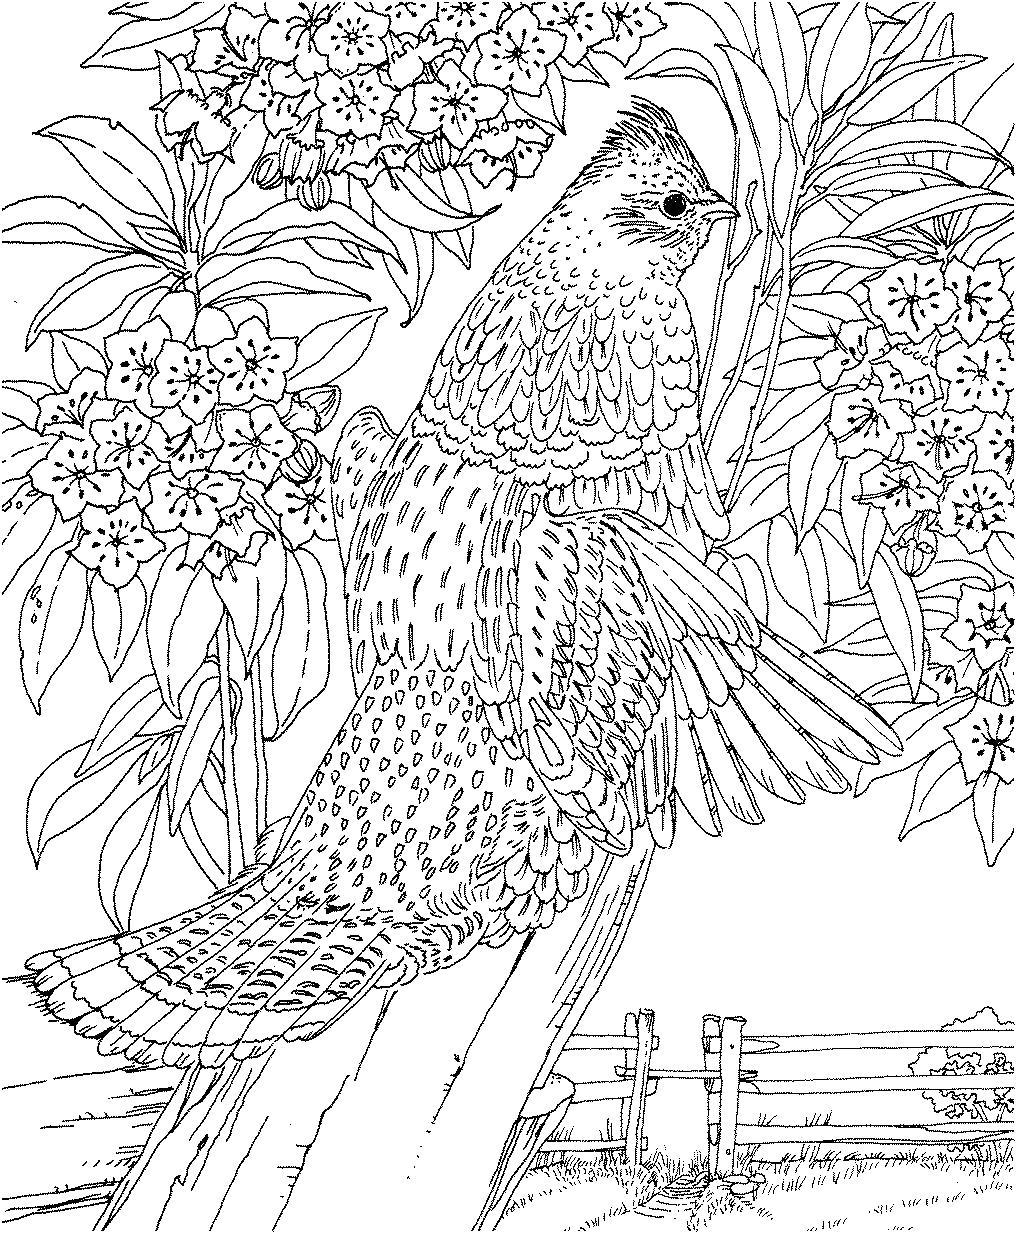 Птица Птица на дереве Лучшие раскраски антистрессАнтистресс онлайн